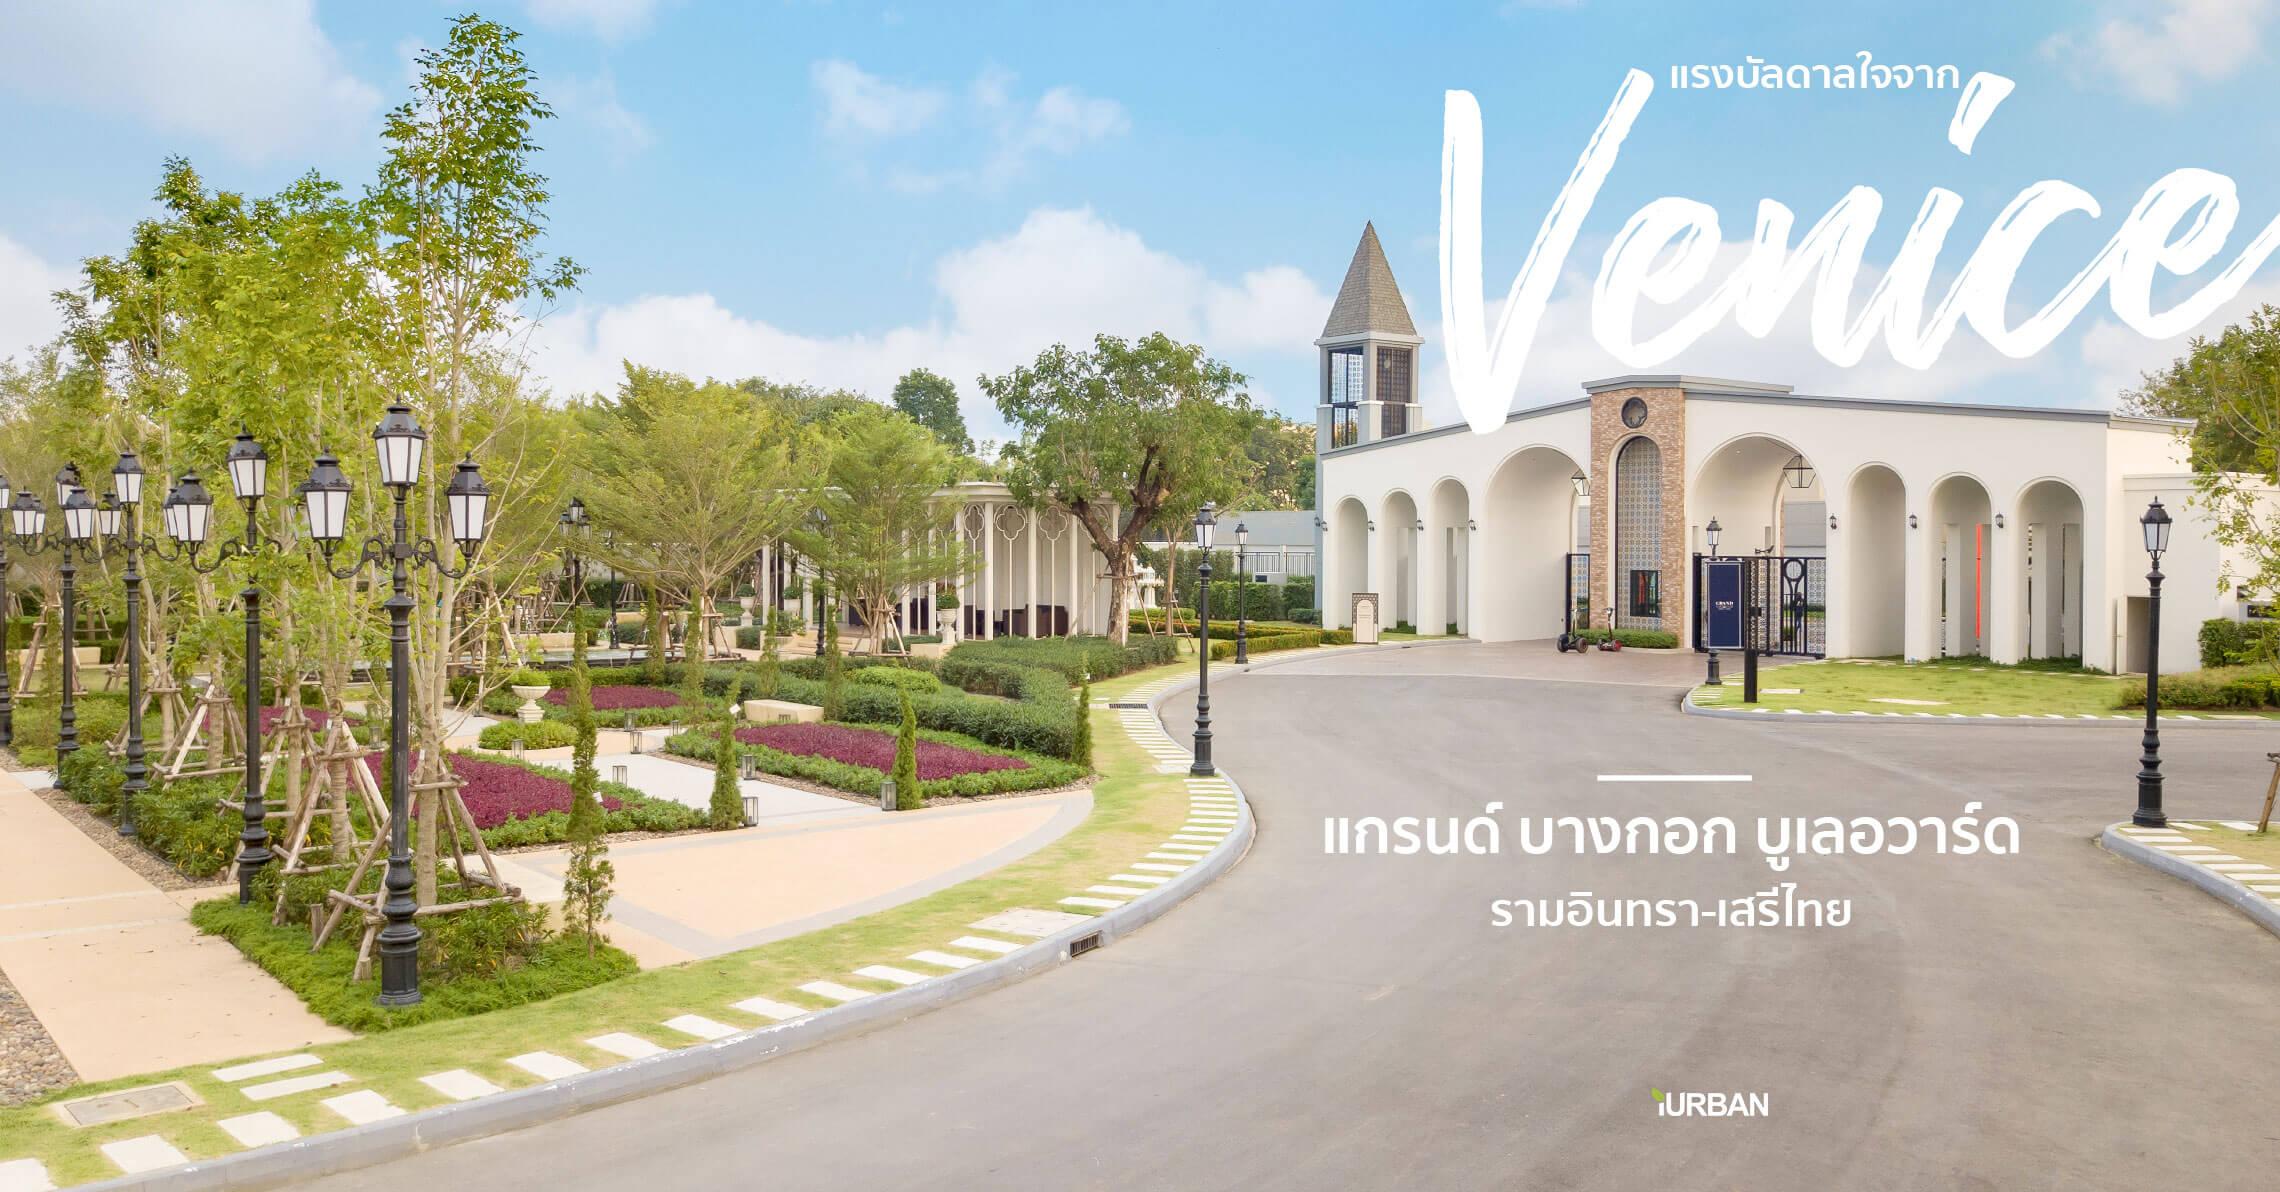 """รีวิว Grand Bangkok Boulevard รามอินทรา-เสรีไทย คลับเฮ้าส์และส่วนกลางที่ยก """"เวนิส"""" จากอิตาลีมาไว้ที่นี่ 13 - Boulevard"""